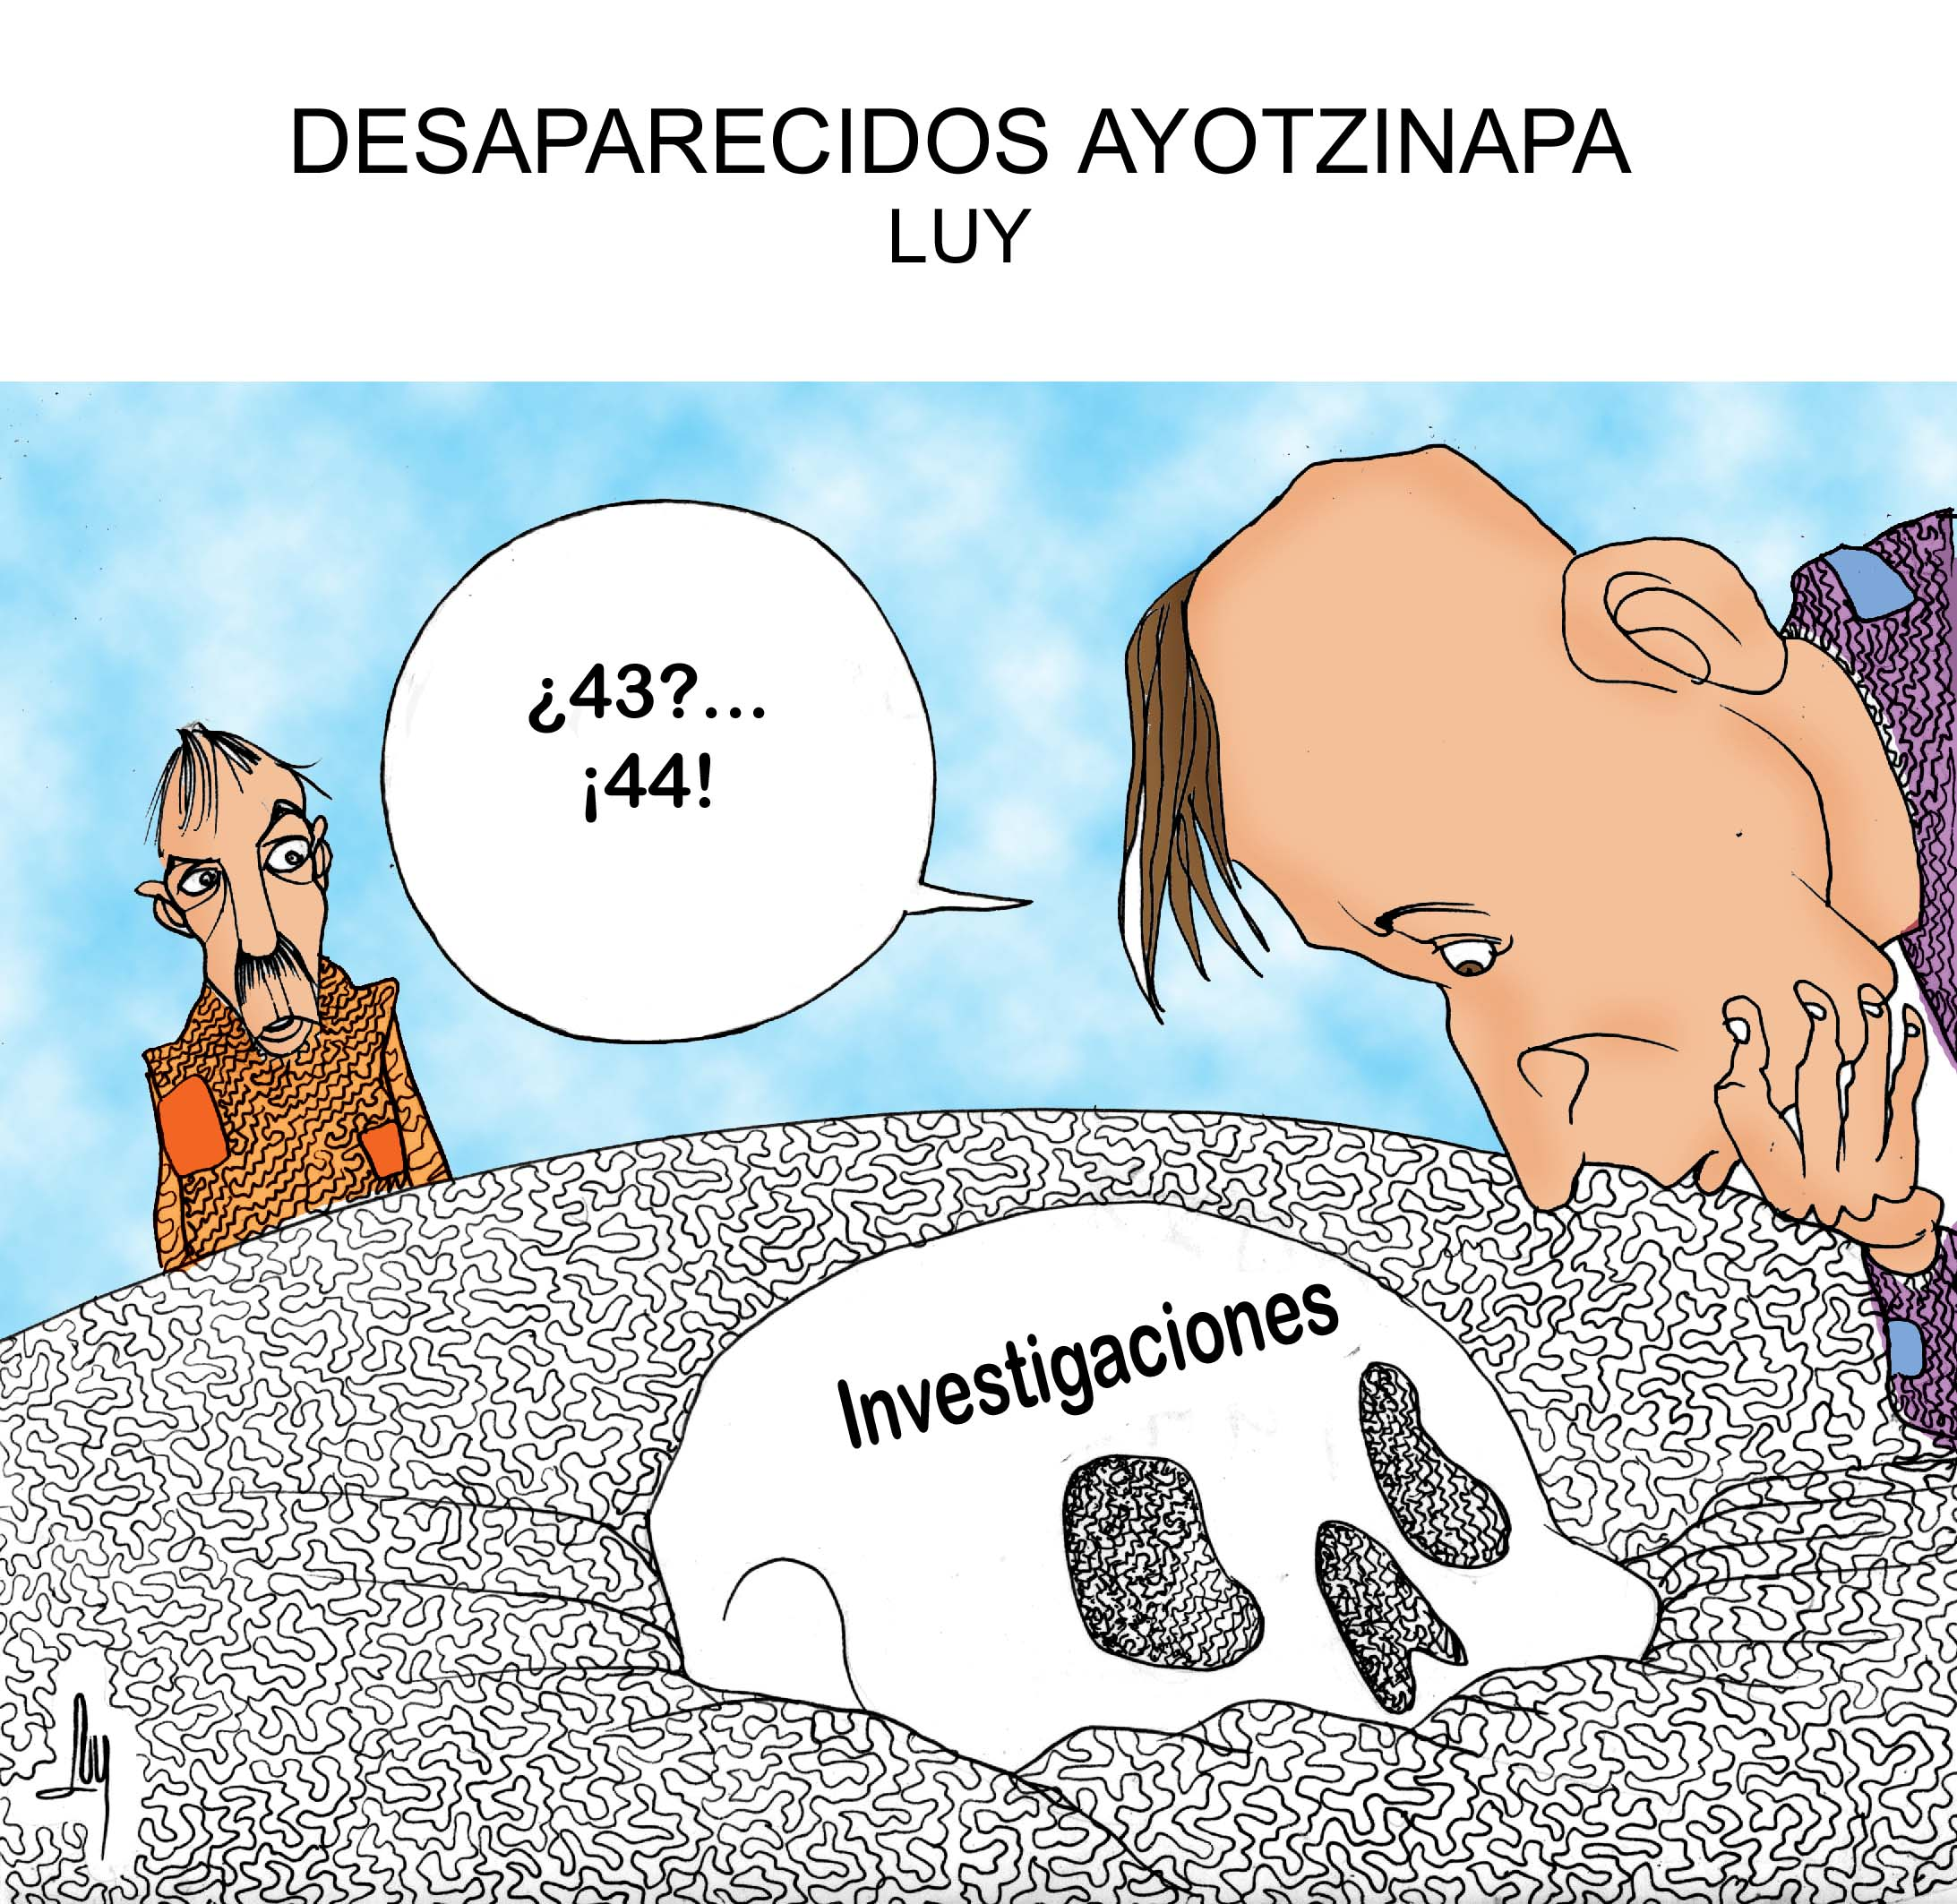 desaparecidos-ayotzinapa